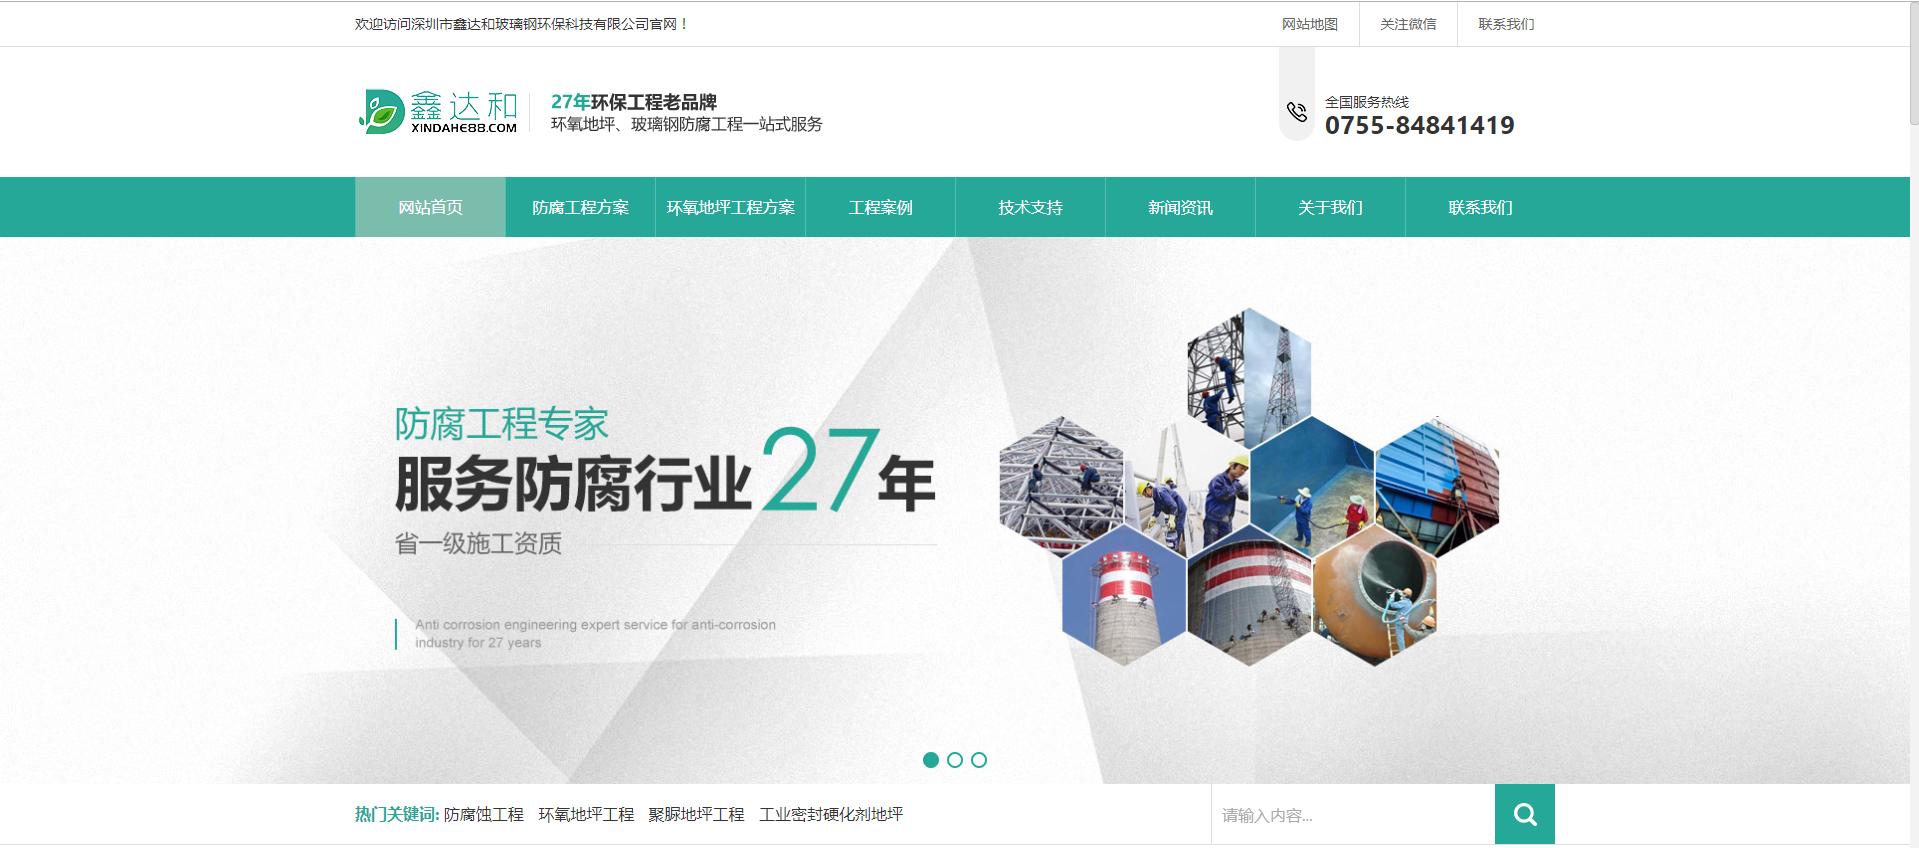 福州环保工程网站建设案例